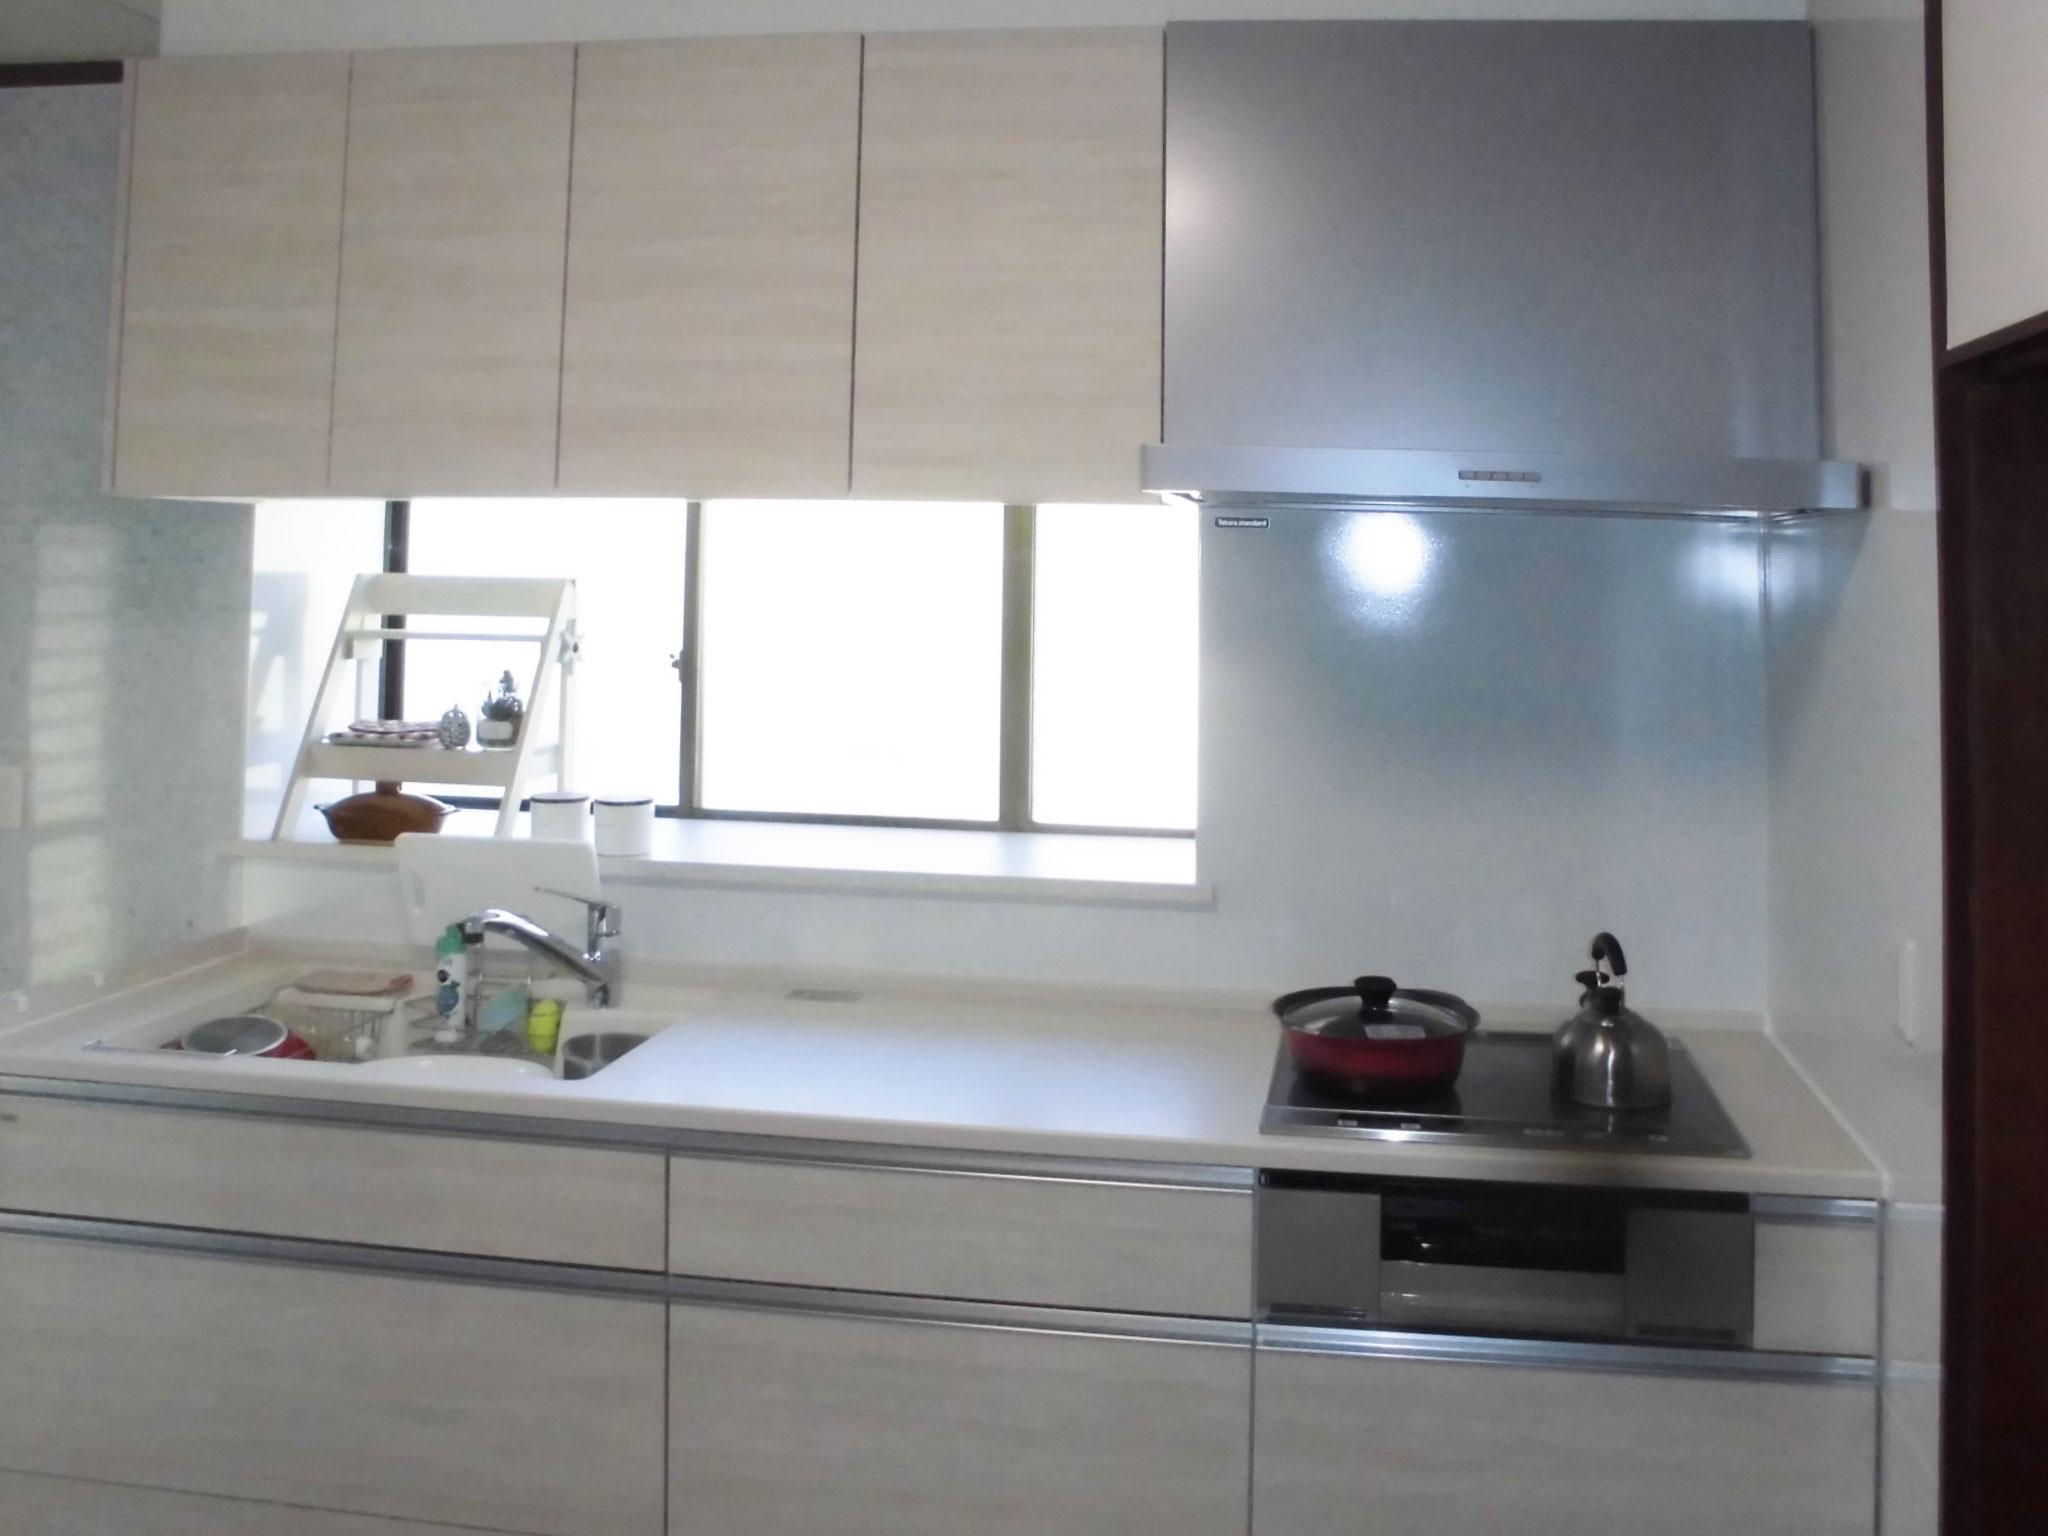 白際立つ爽やかなキッチンへ入替え改装工事